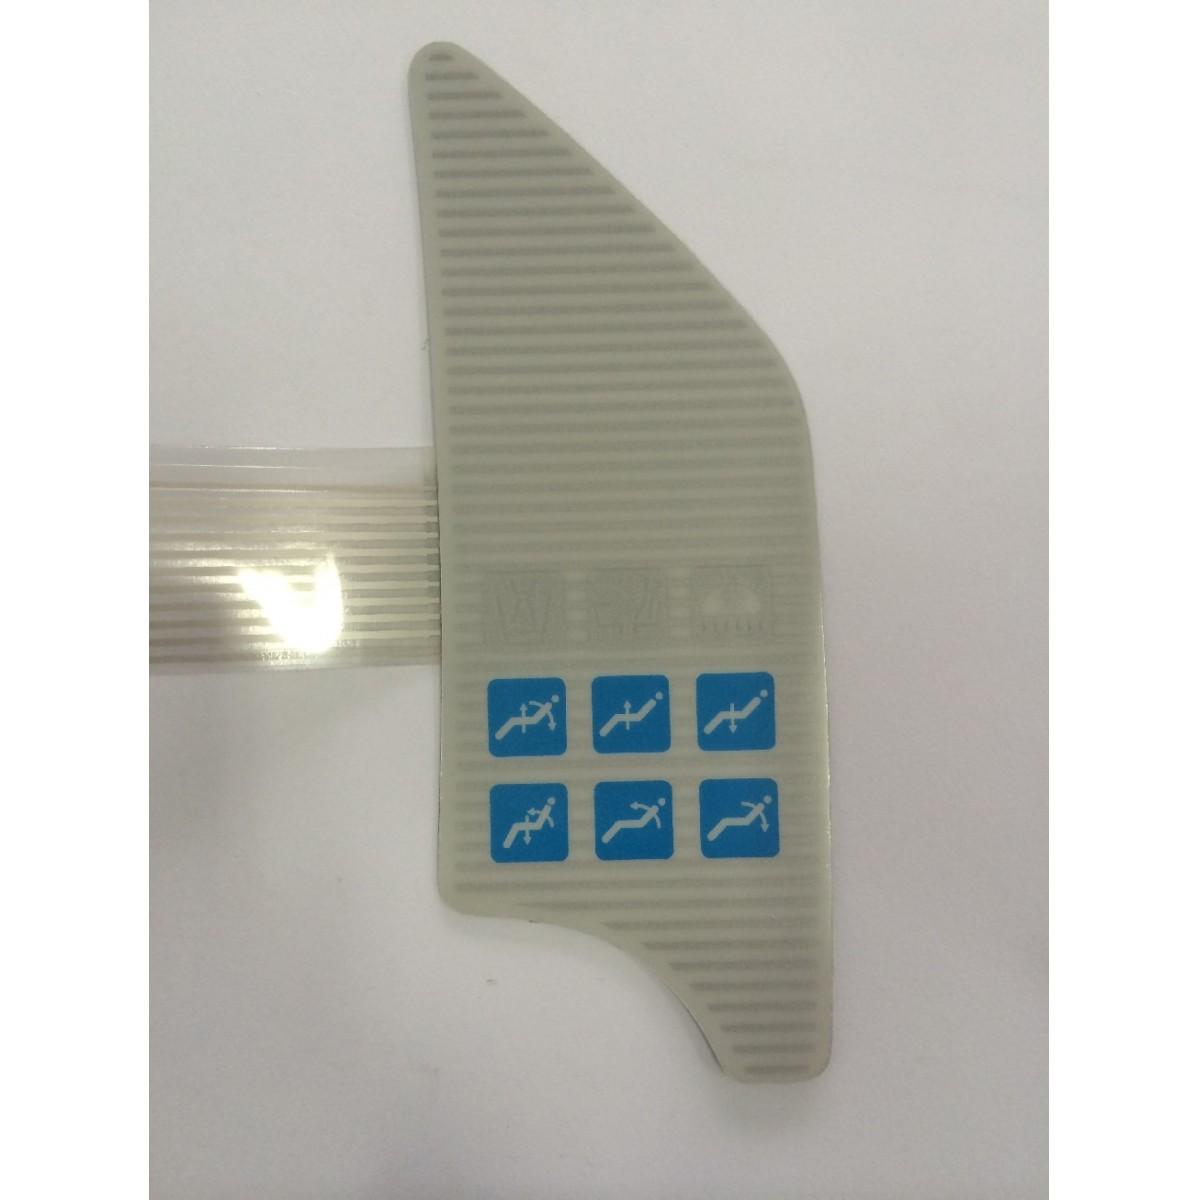 Teclado Membrana / Etiqueta Equipo Techno comando Eletrônico (Sob Encomenda)  - DABI ATLANTE - TOP ODONTO